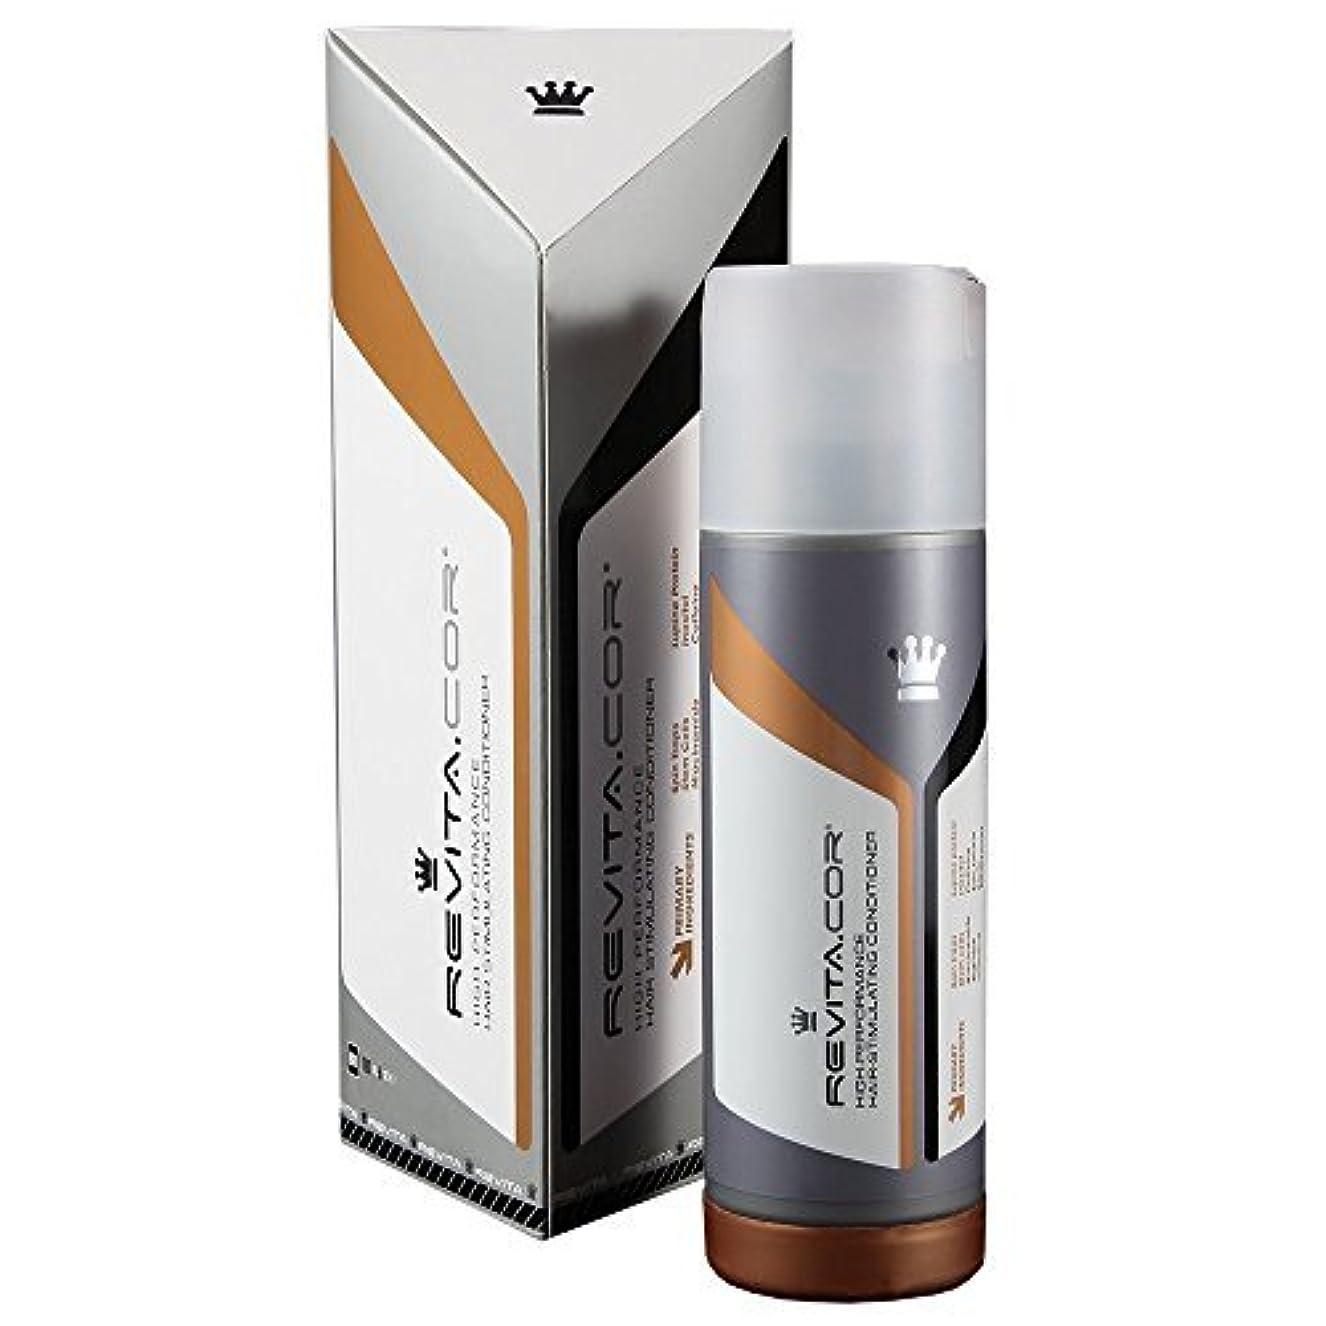 垂直窒素田舎DS Laboratories Revita COR High Performance Hair Growth Stimulating Conditioner 190ml/6.4oz [並行輸入品]